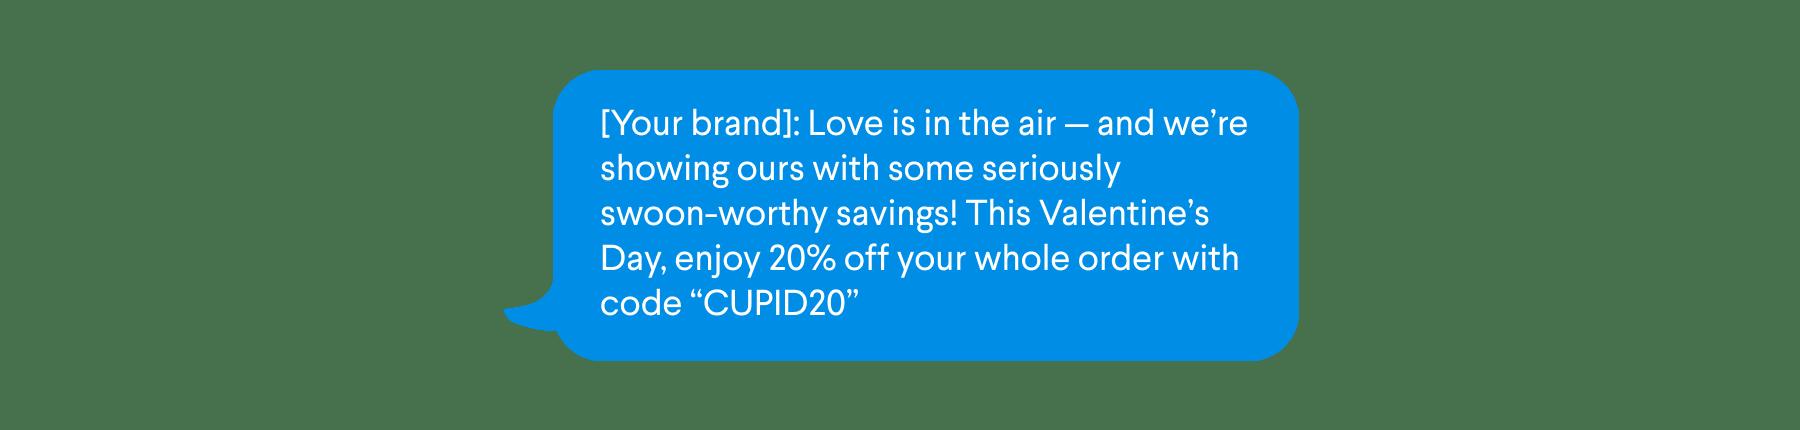 Valentine's Day SMS Promo Campaign